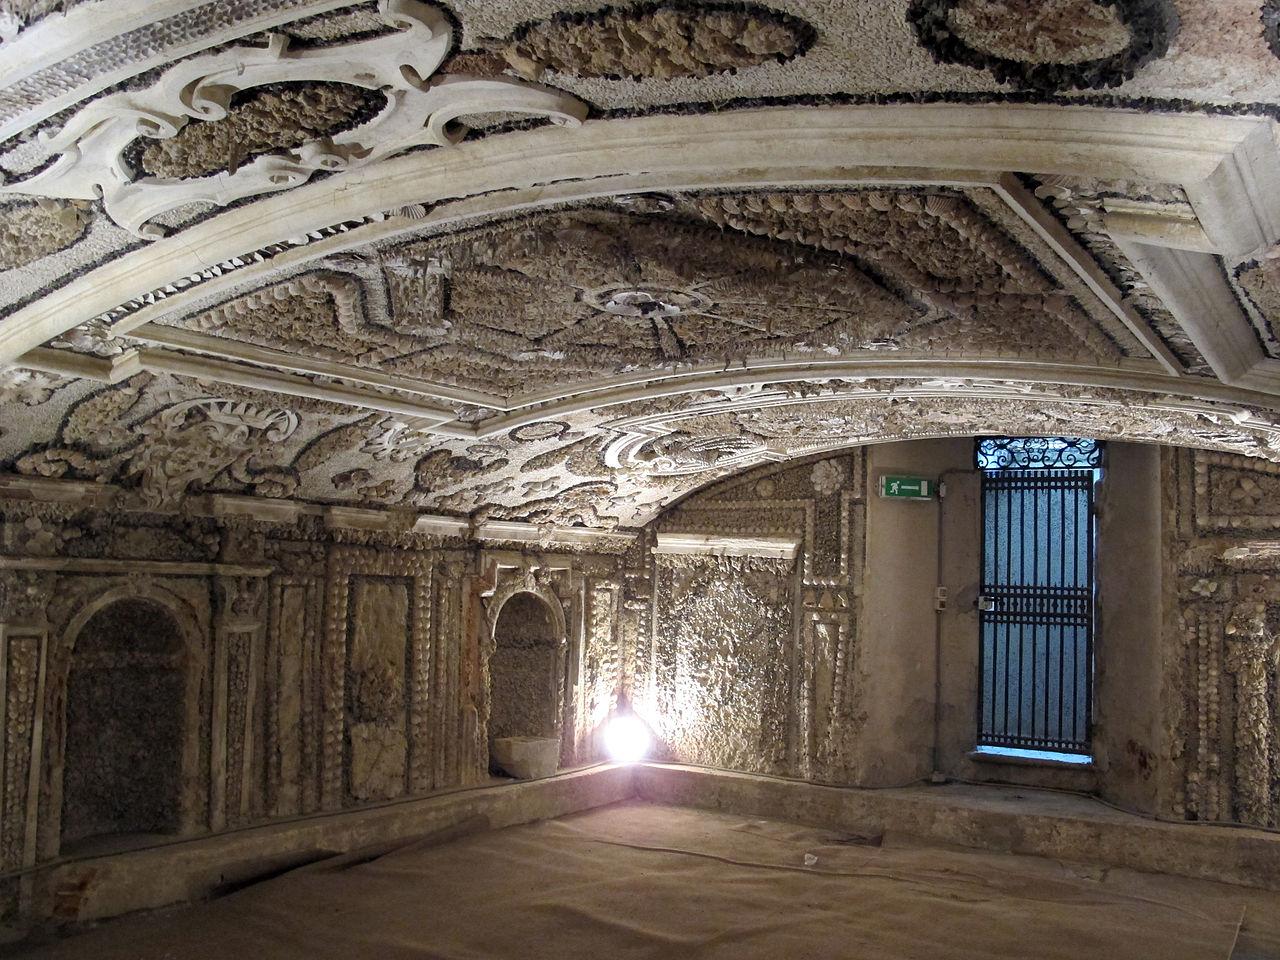 Fichier palazzo venturi ginori grotta sotto camera da letto del cardinale 02 jpg wikip dia - Camera da letto del papa ...